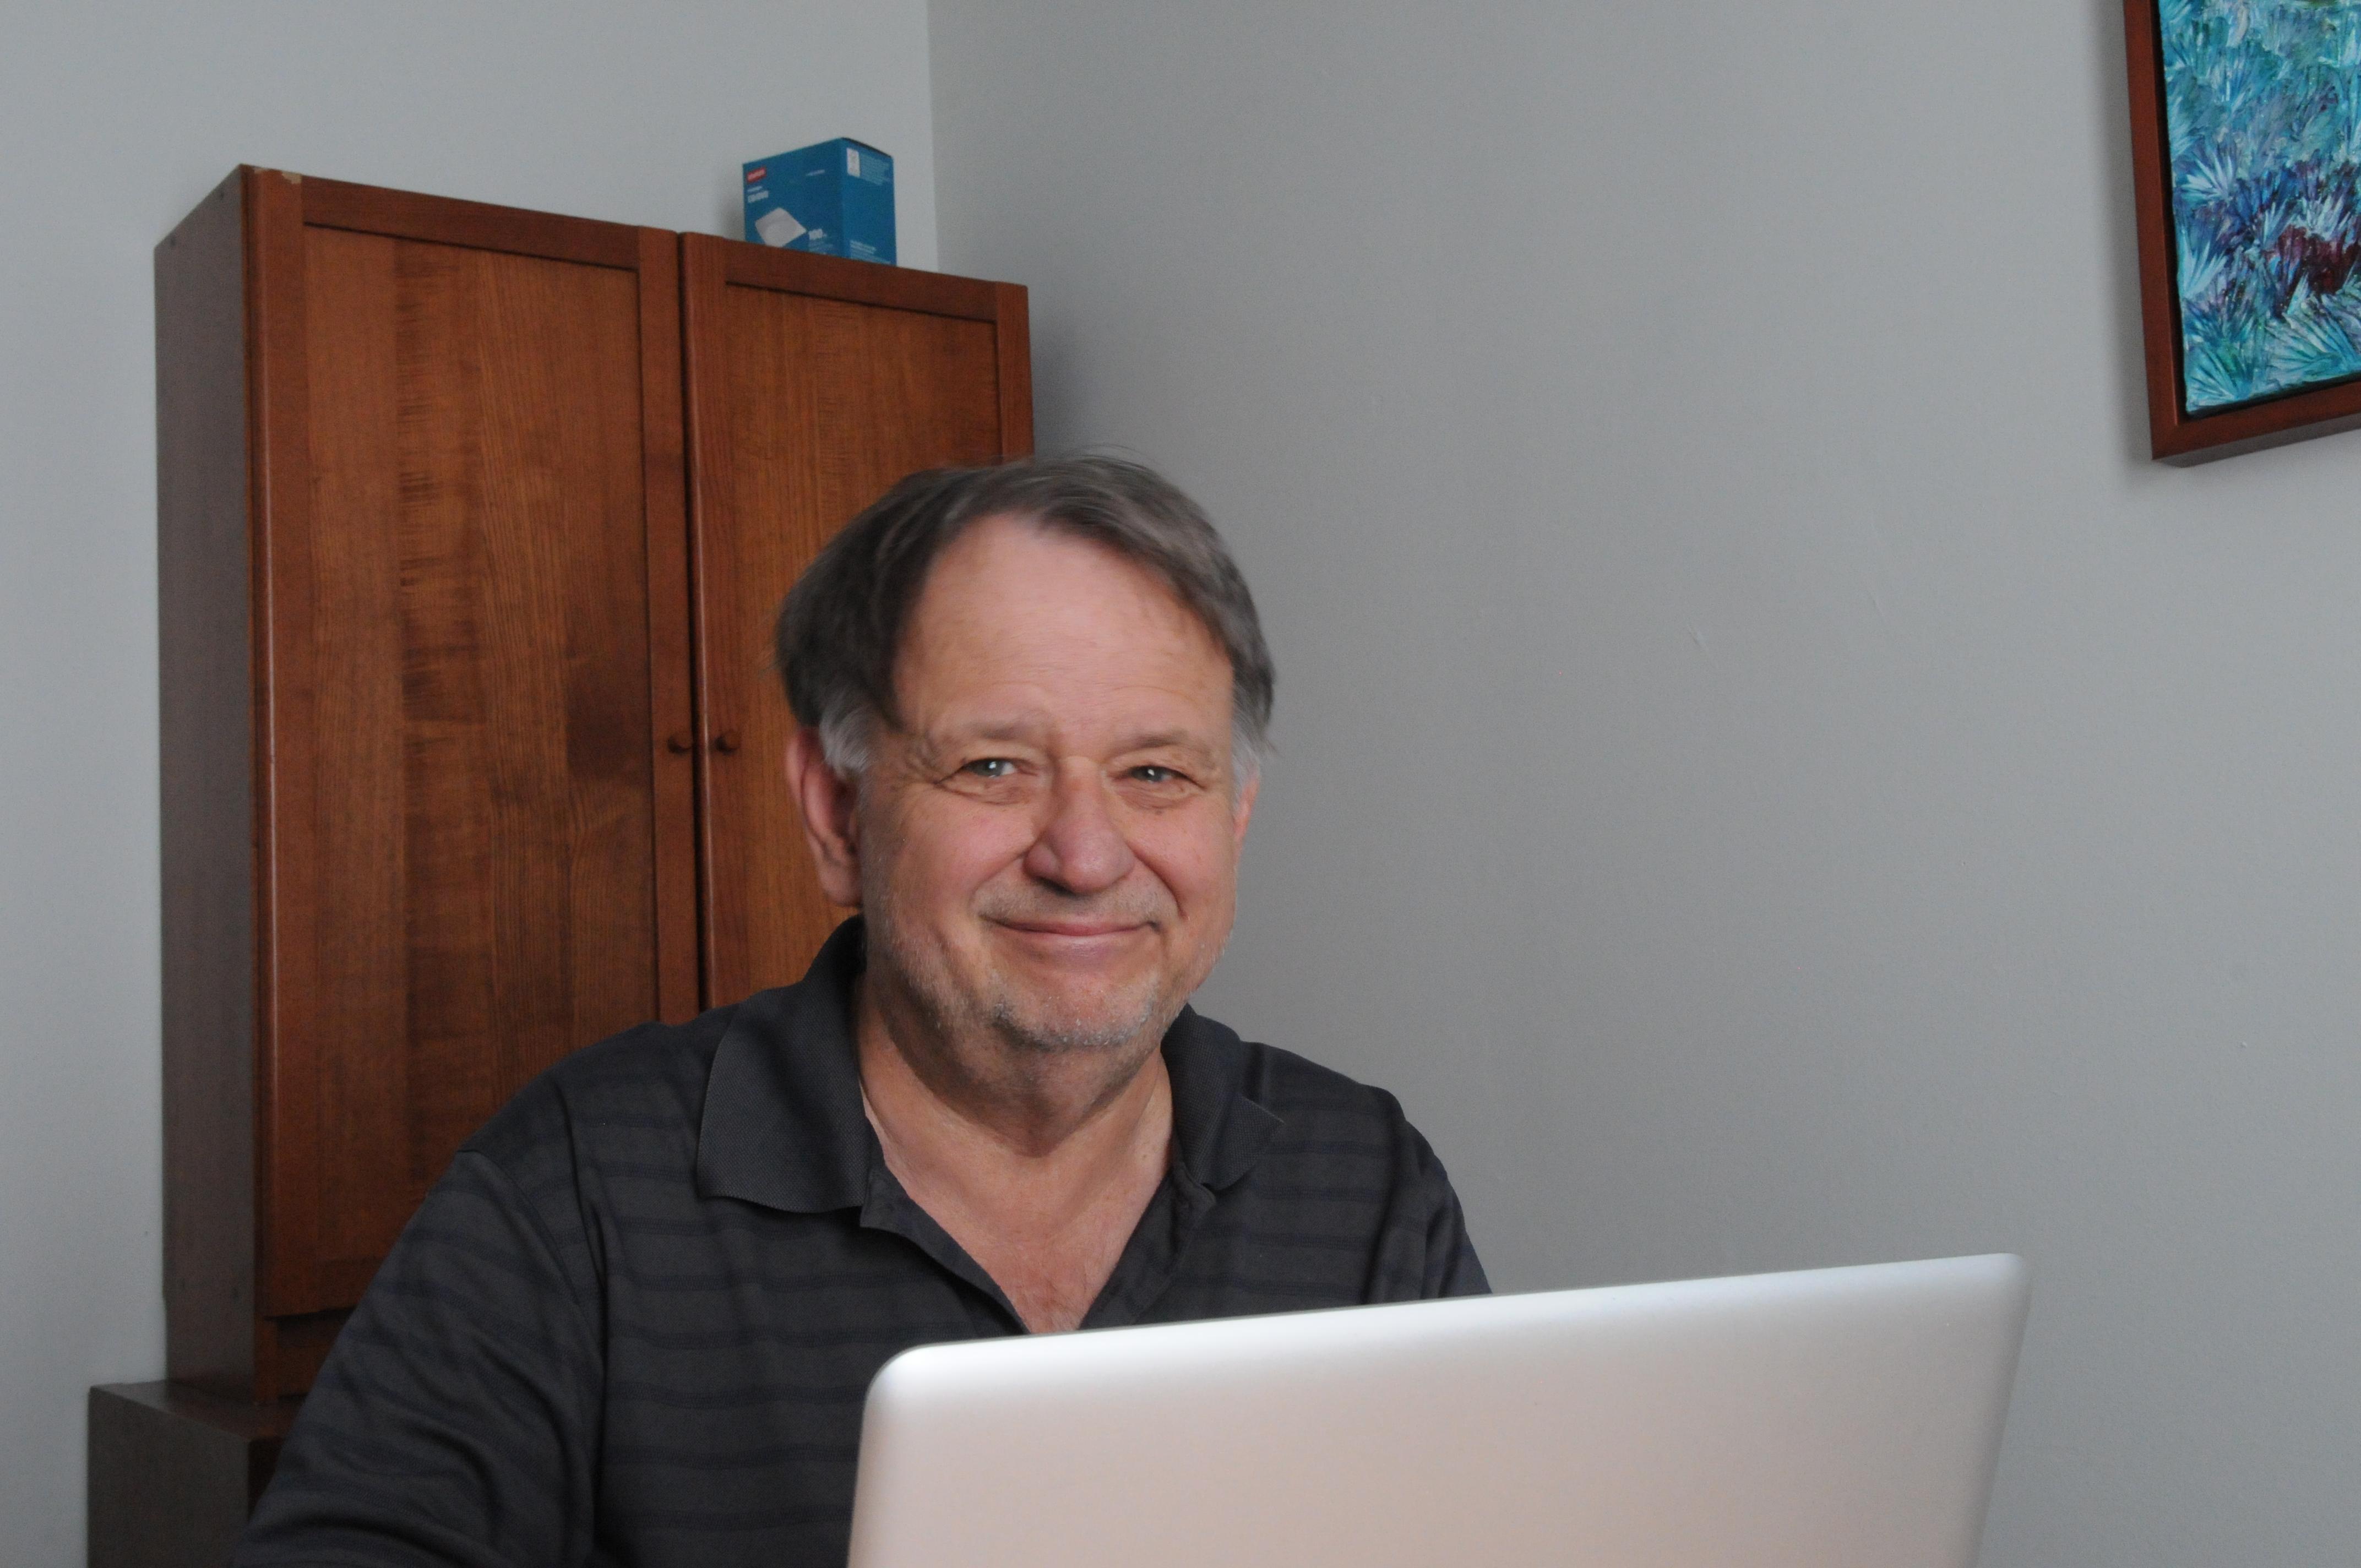 Chris Grabiec